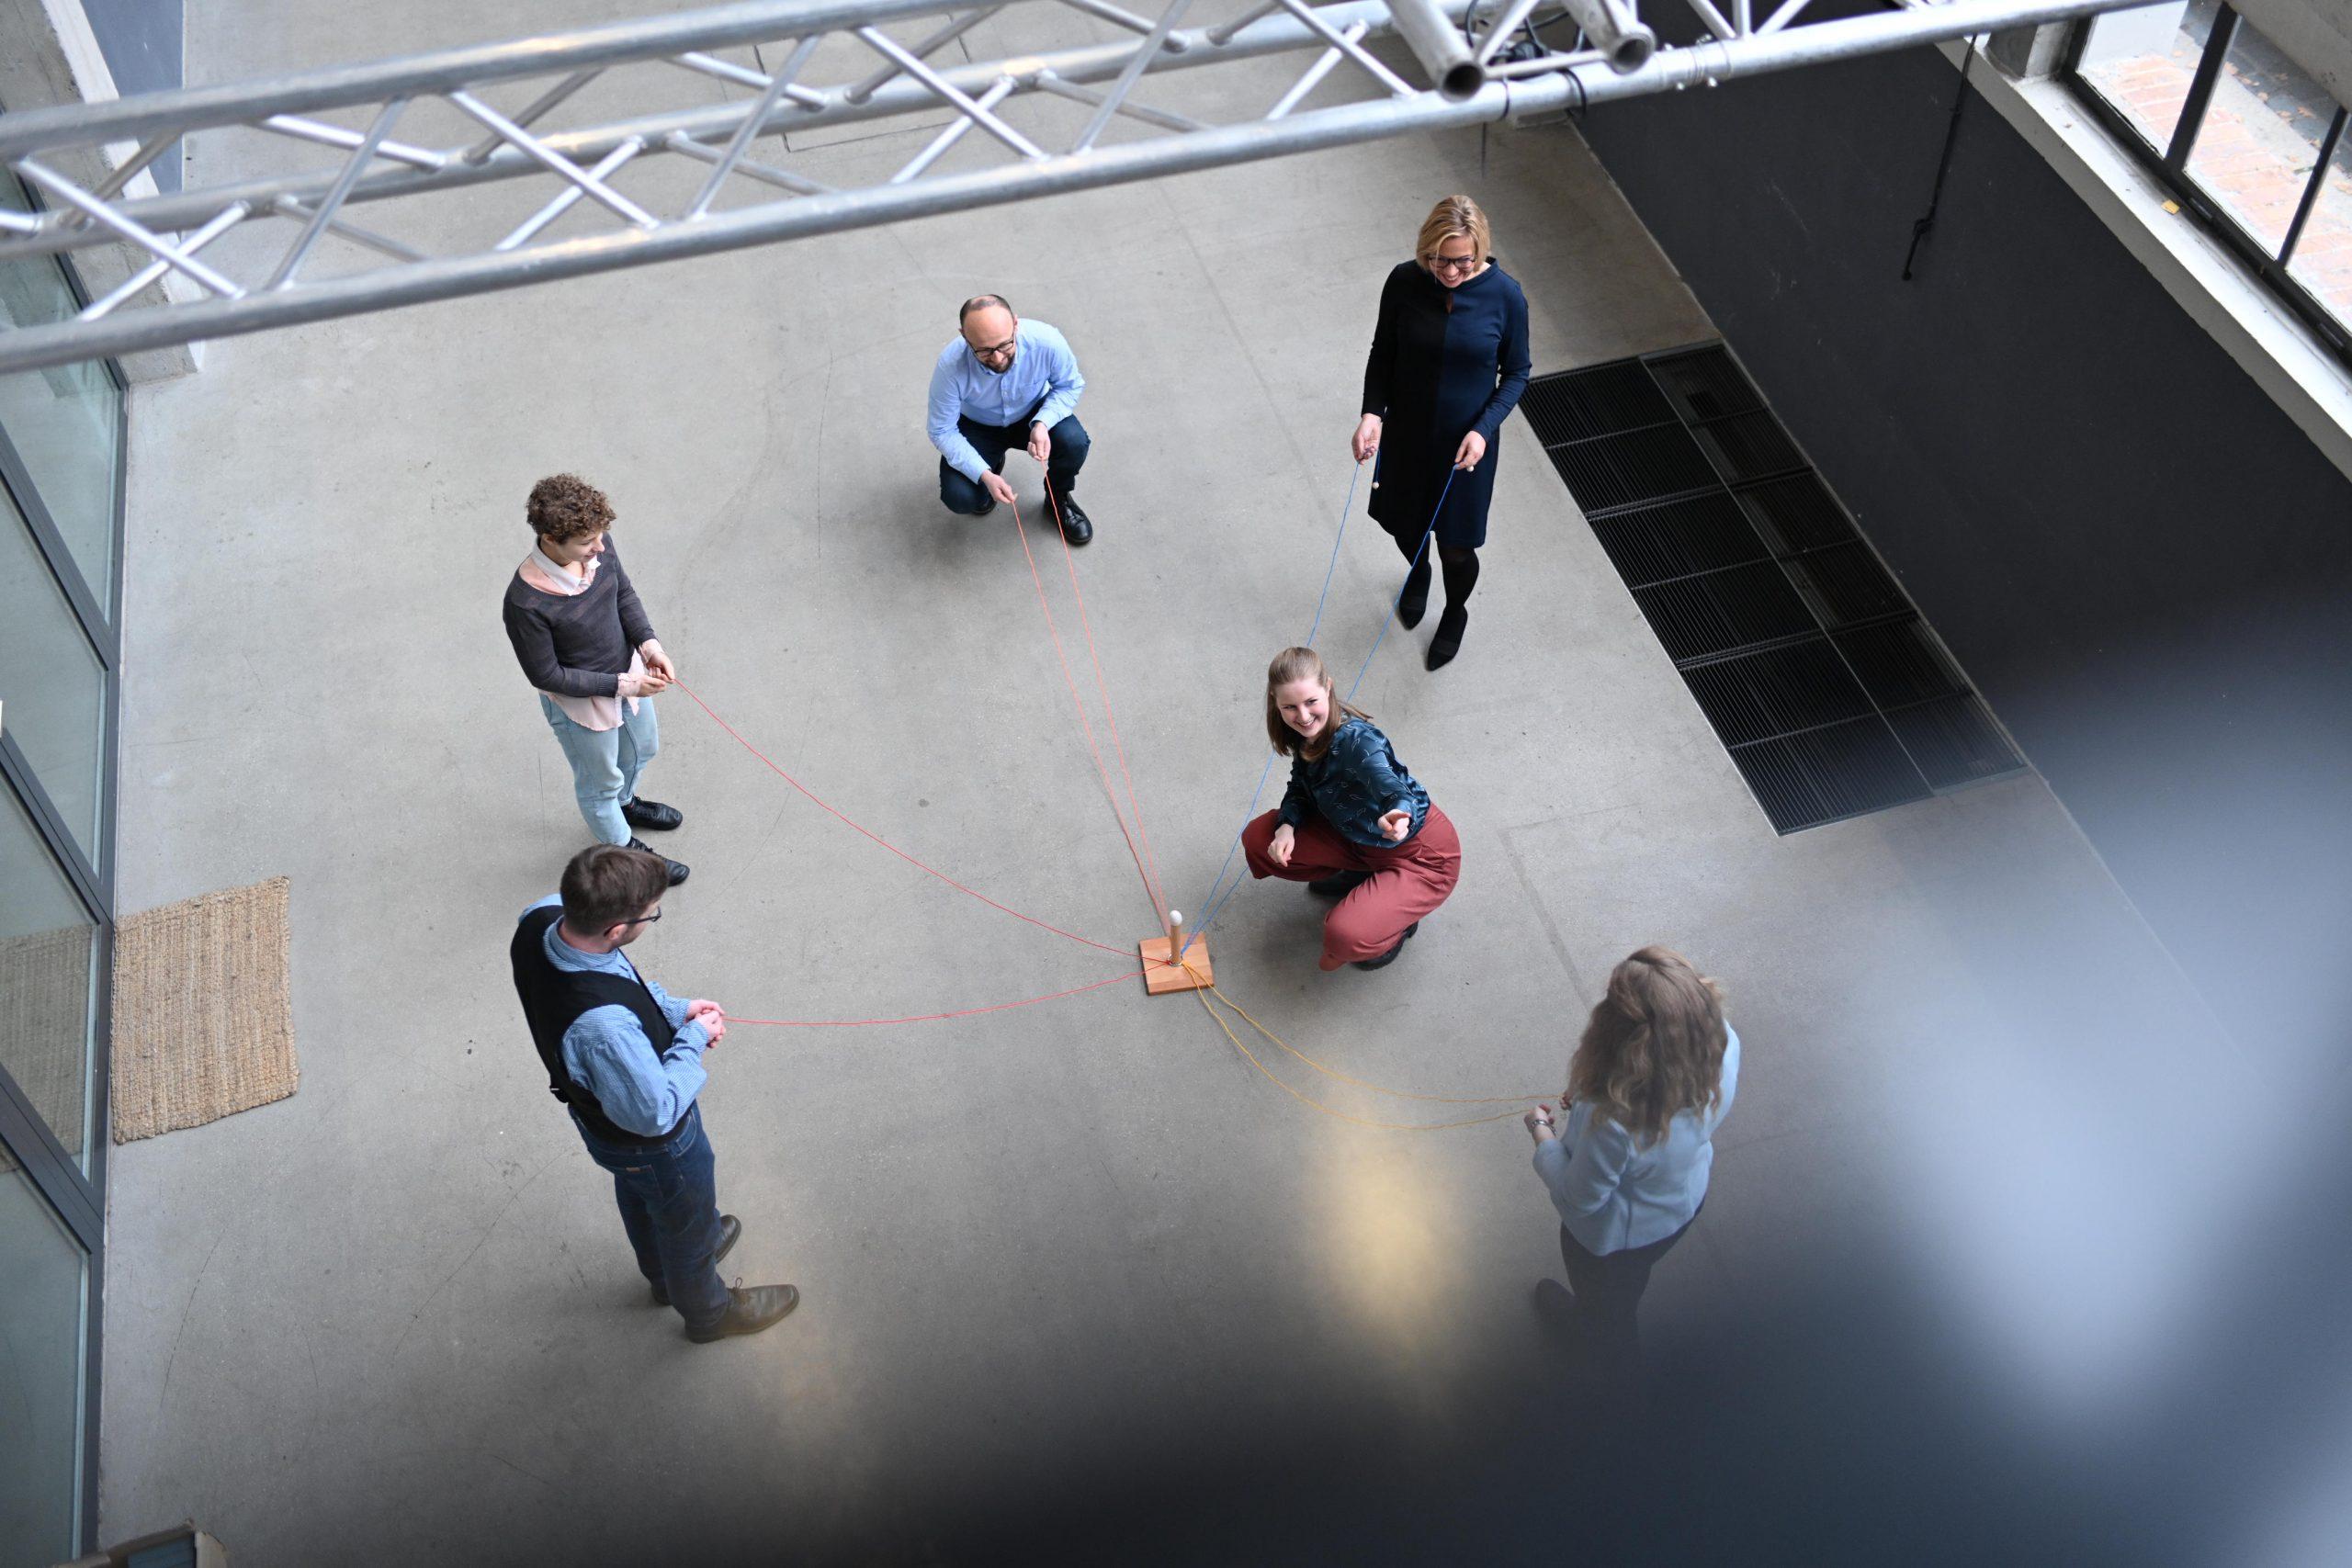 Teilnehmer eines Teamworkshops bei einer Übung